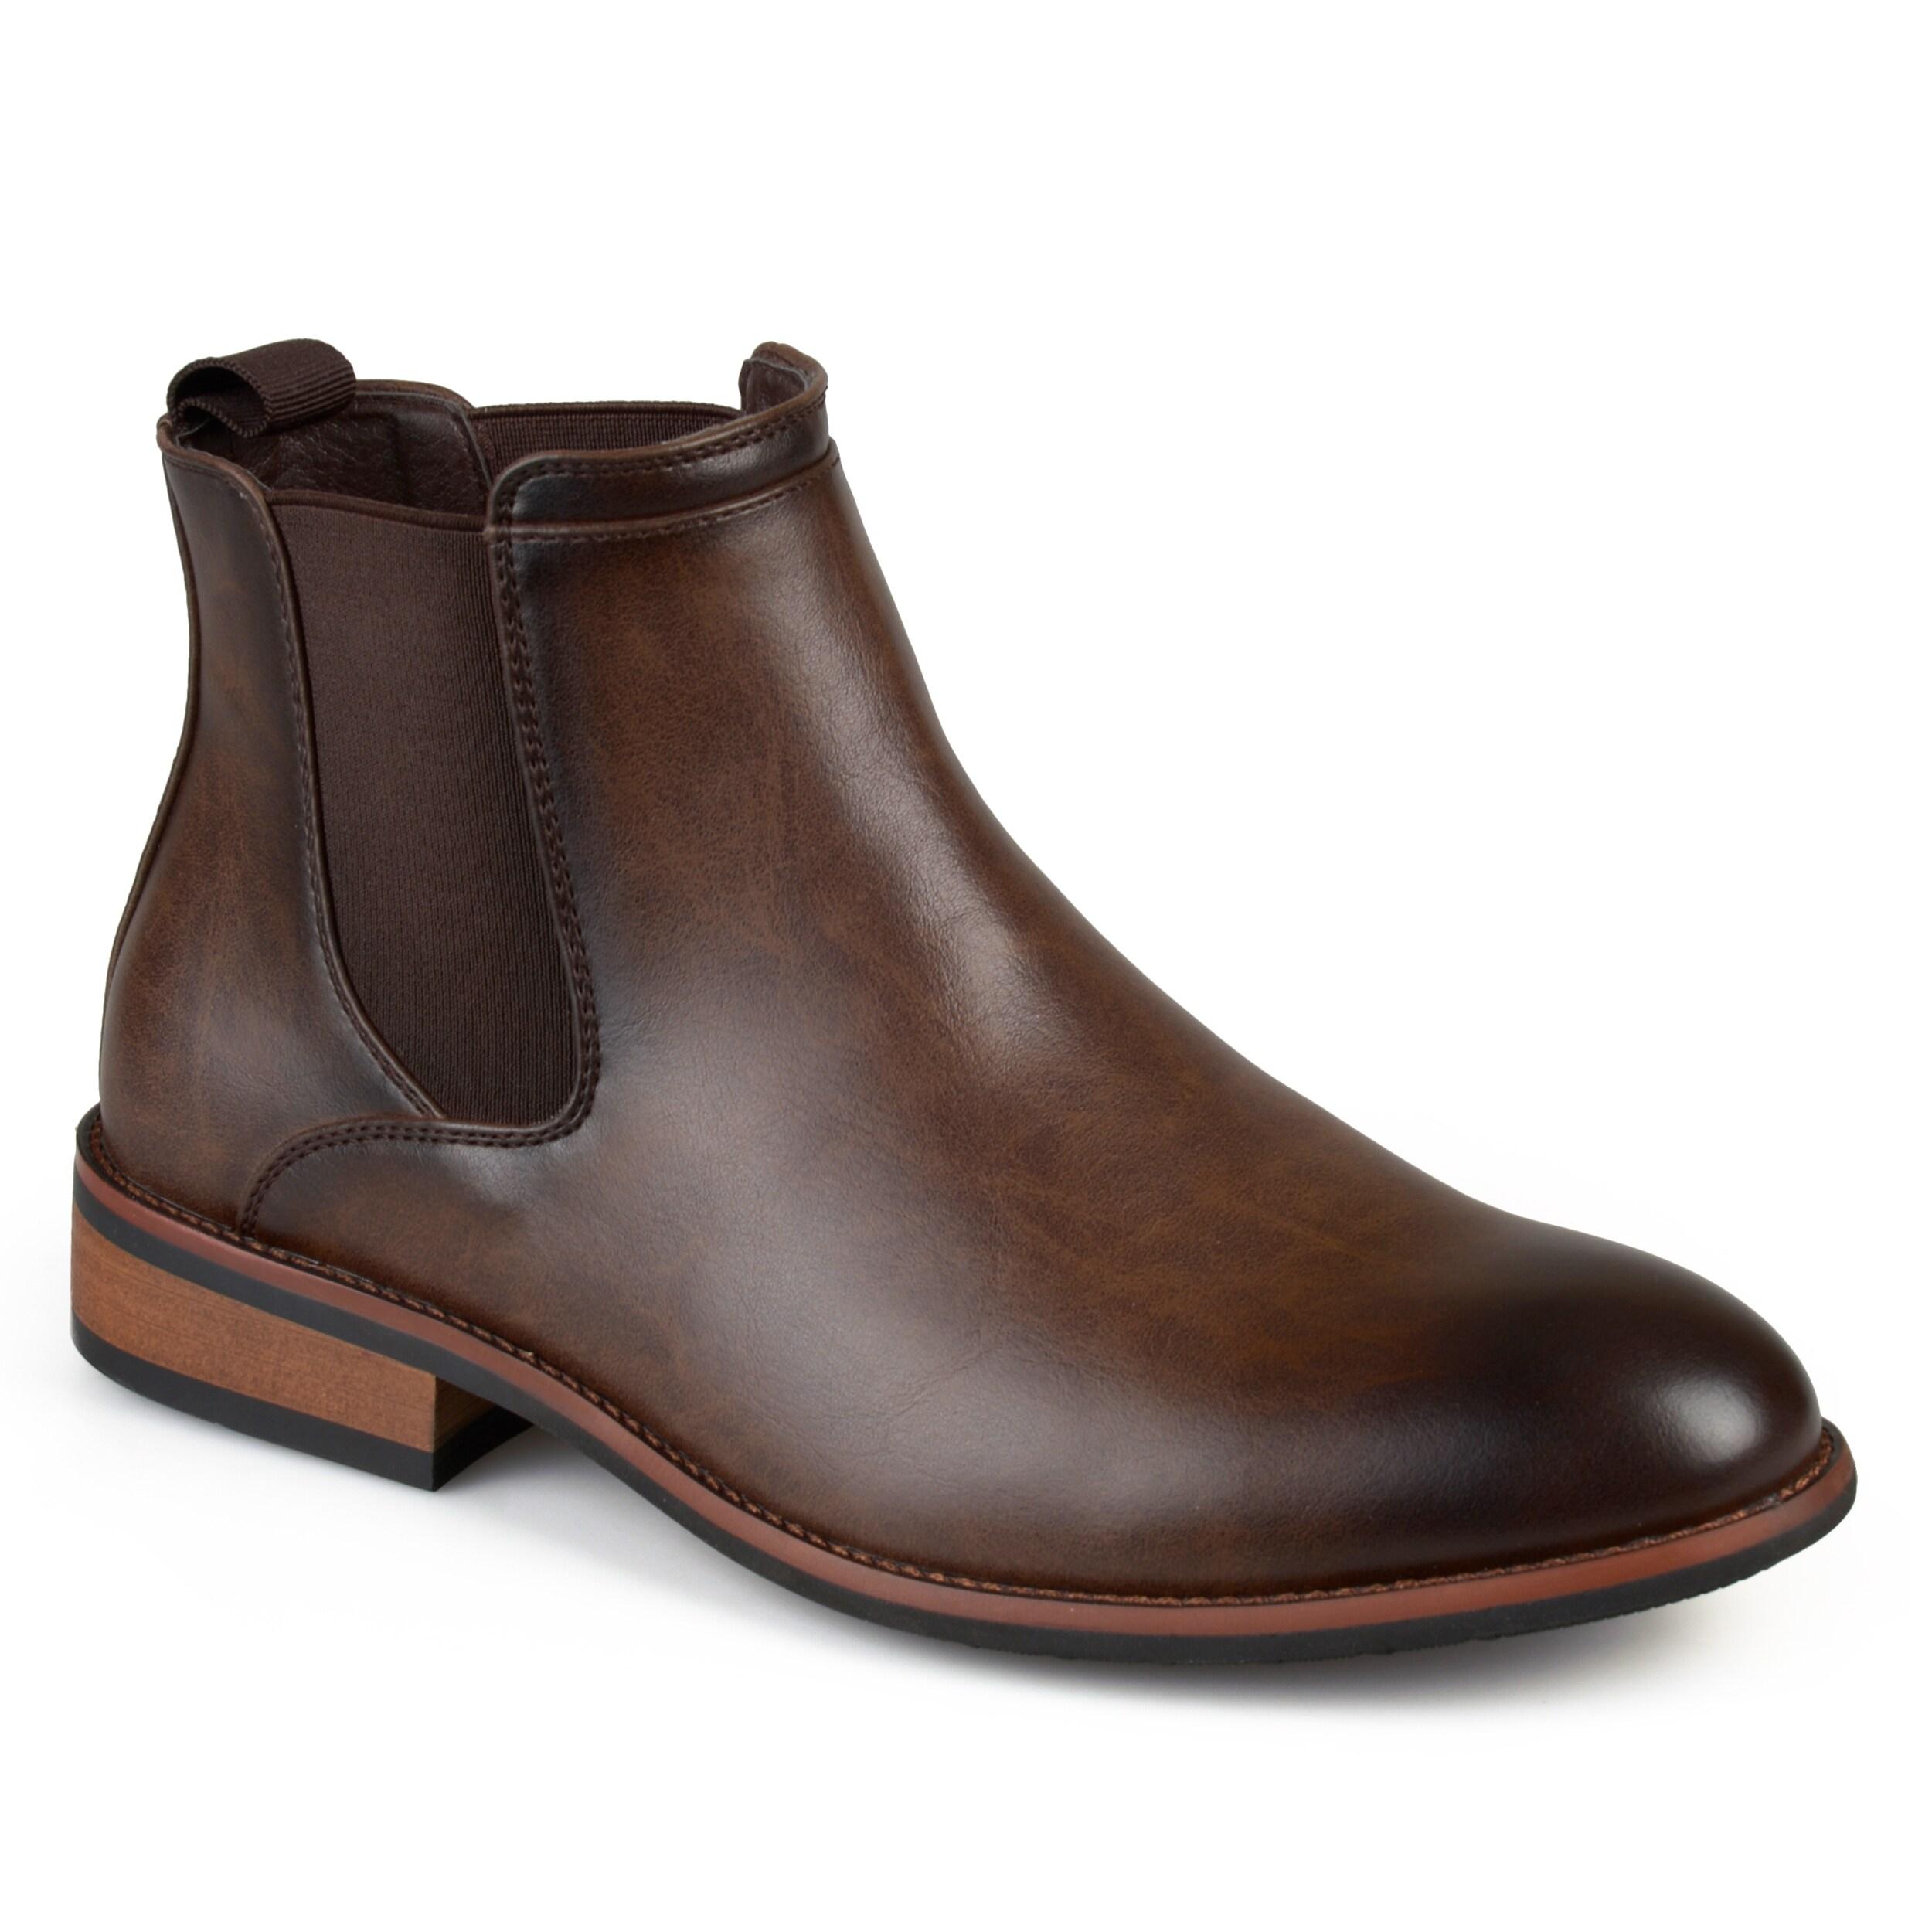 826e700c1fc Shop Vance Co. Men s  Landon  Round Toe High Top Chelsea Dress Boots ...